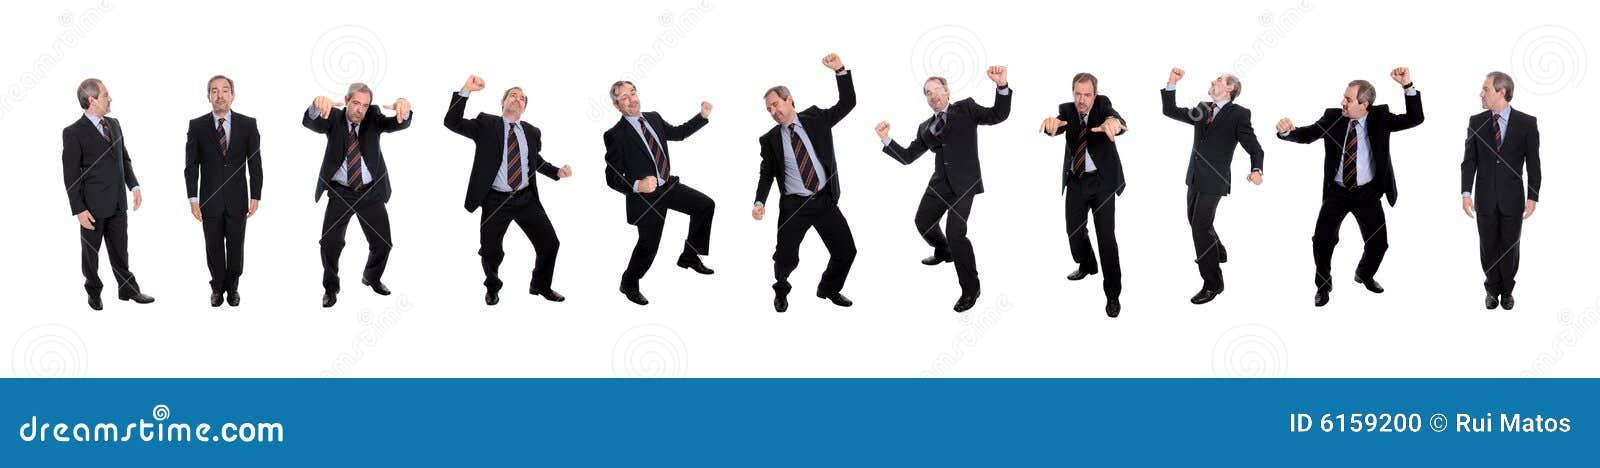 Groep gelukkige bedrijfsmensen